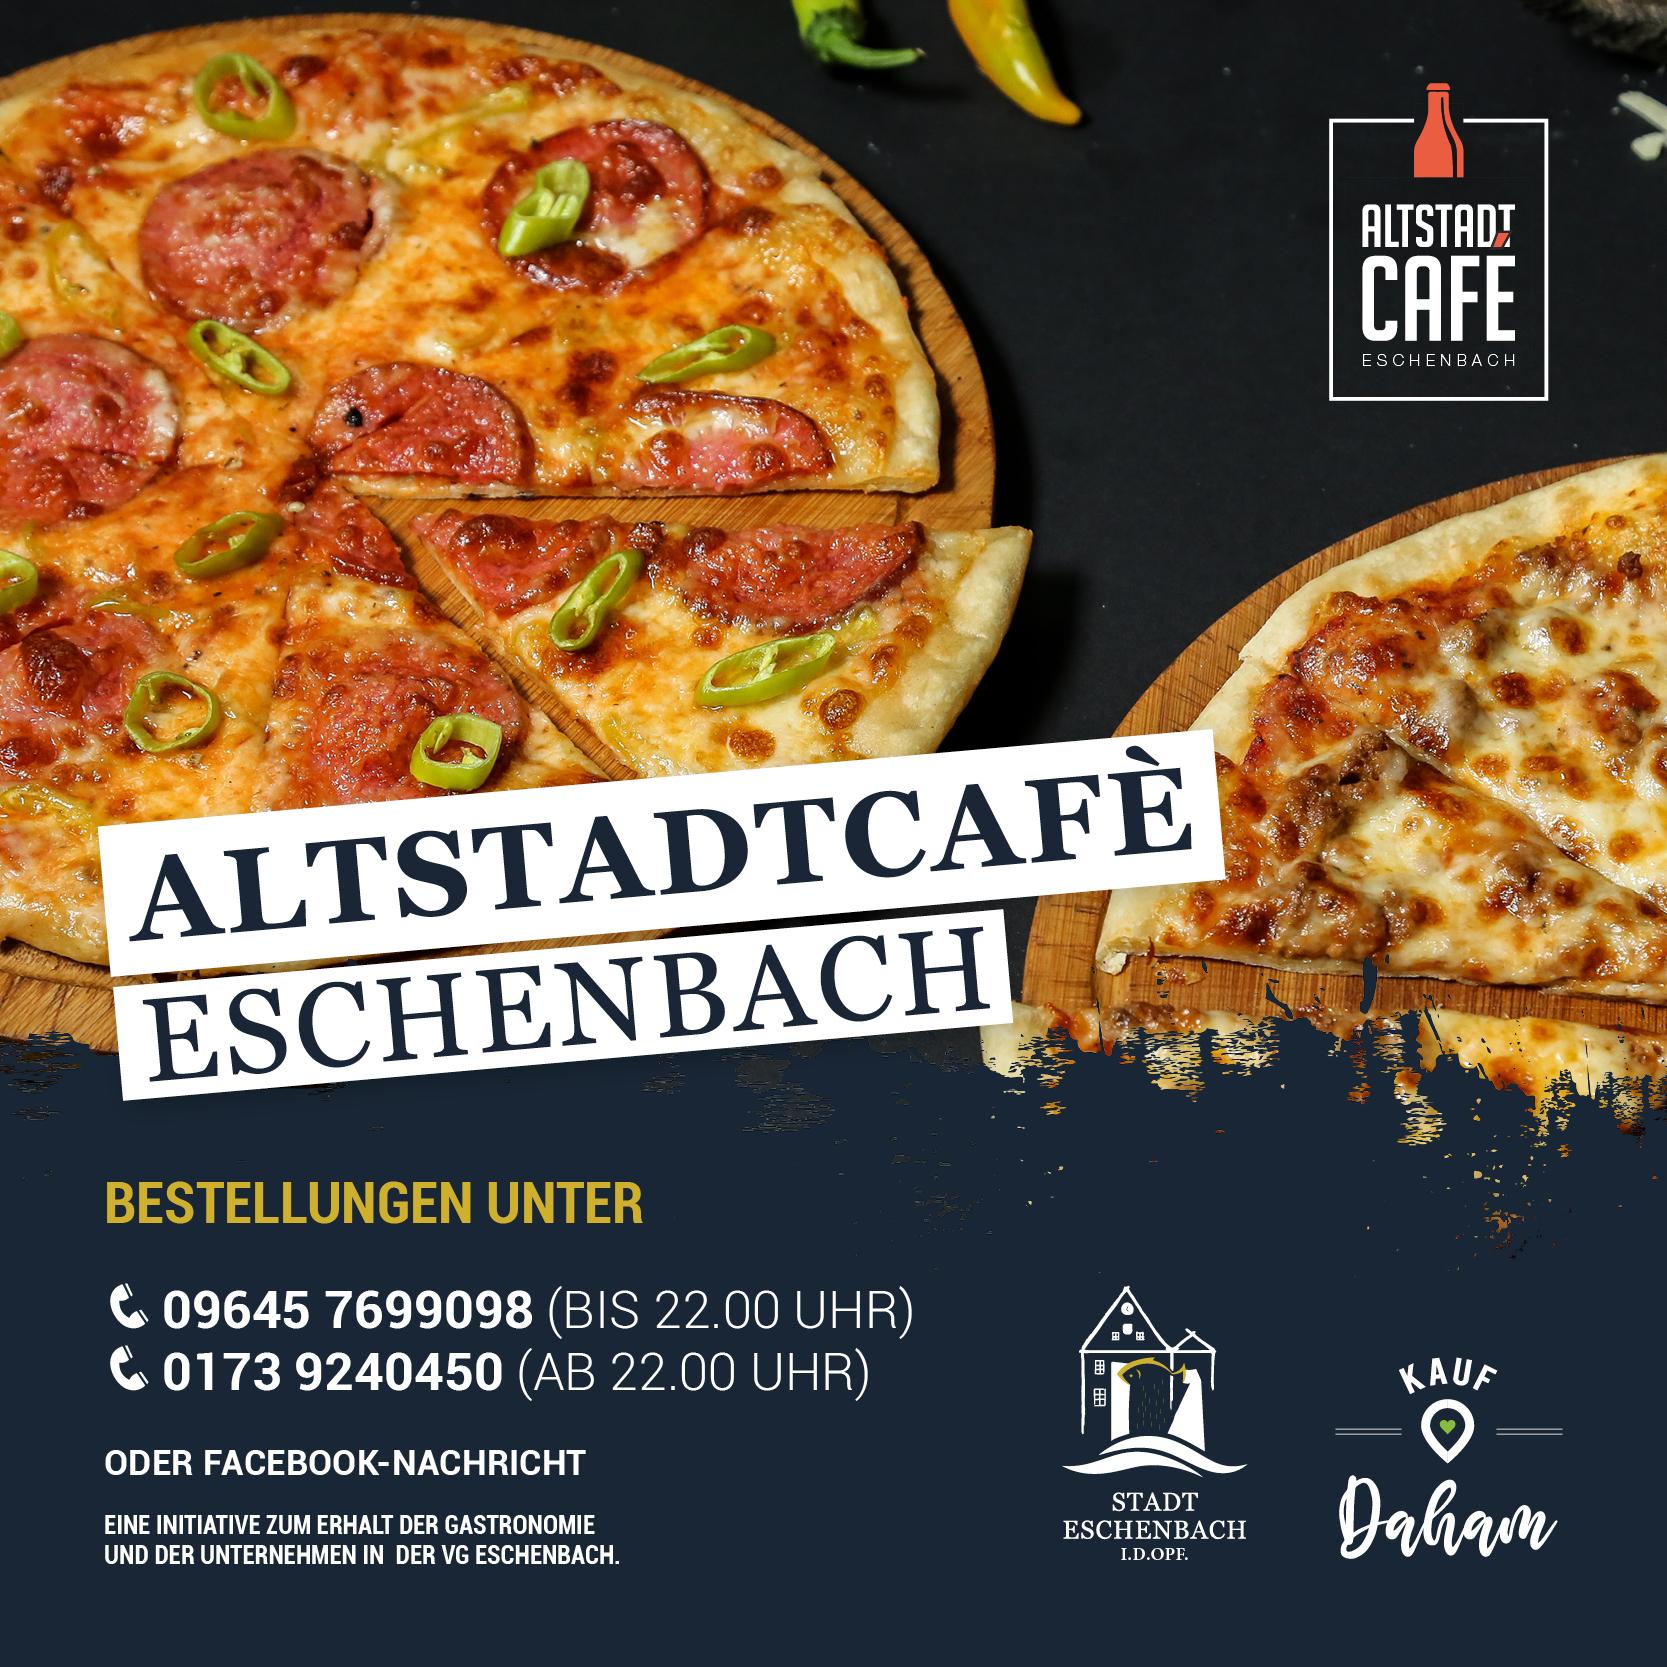 Eschenbach bleibt lebendig – Altstadtcafé Eschenbach